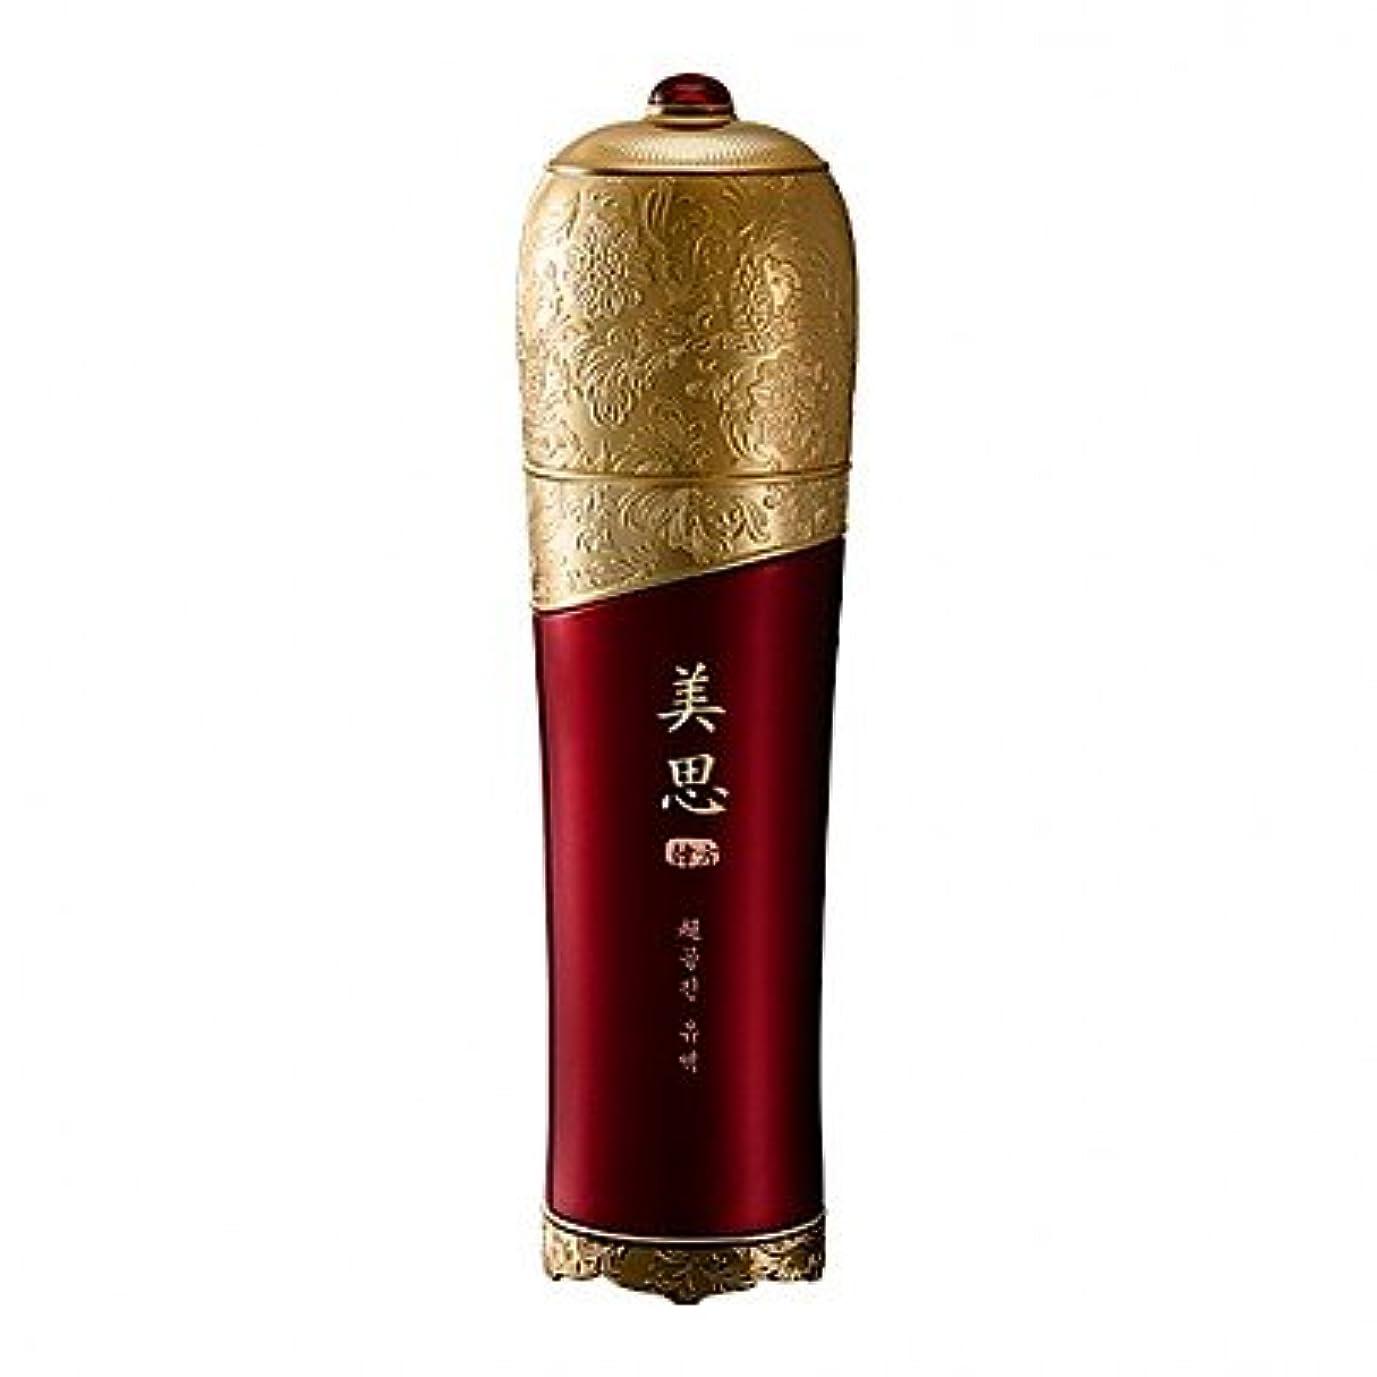 累積検索エンジンマーケティング状況MISSHA/ミシャ チョゴンジン 乳液 (旧チョボヤン) 125ml[海外直送品]